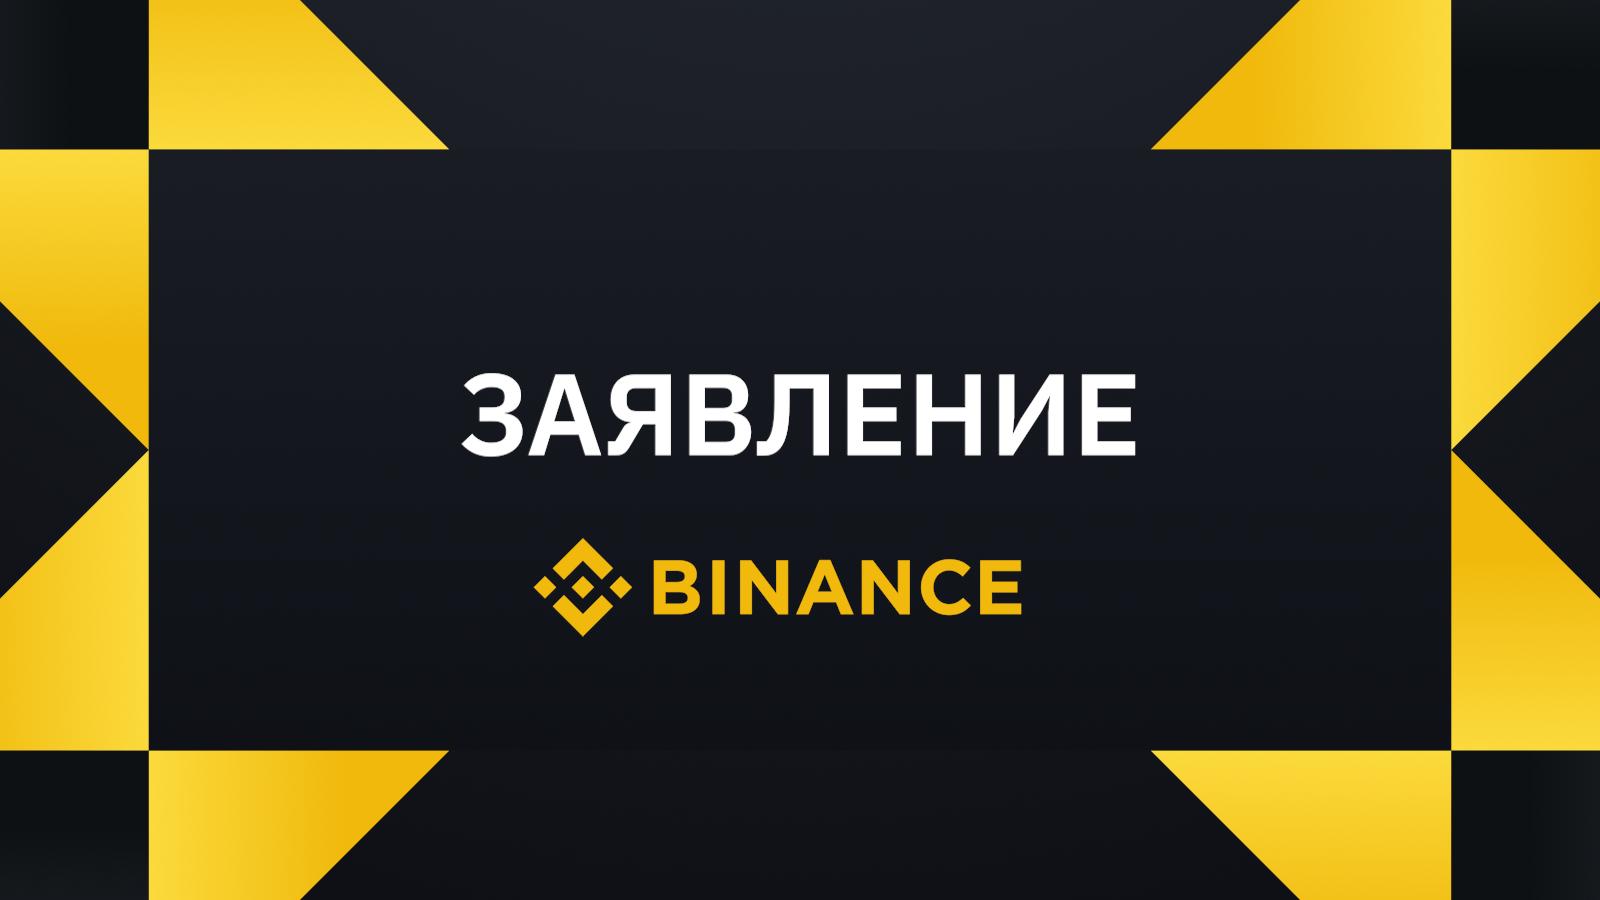 www.binance.com